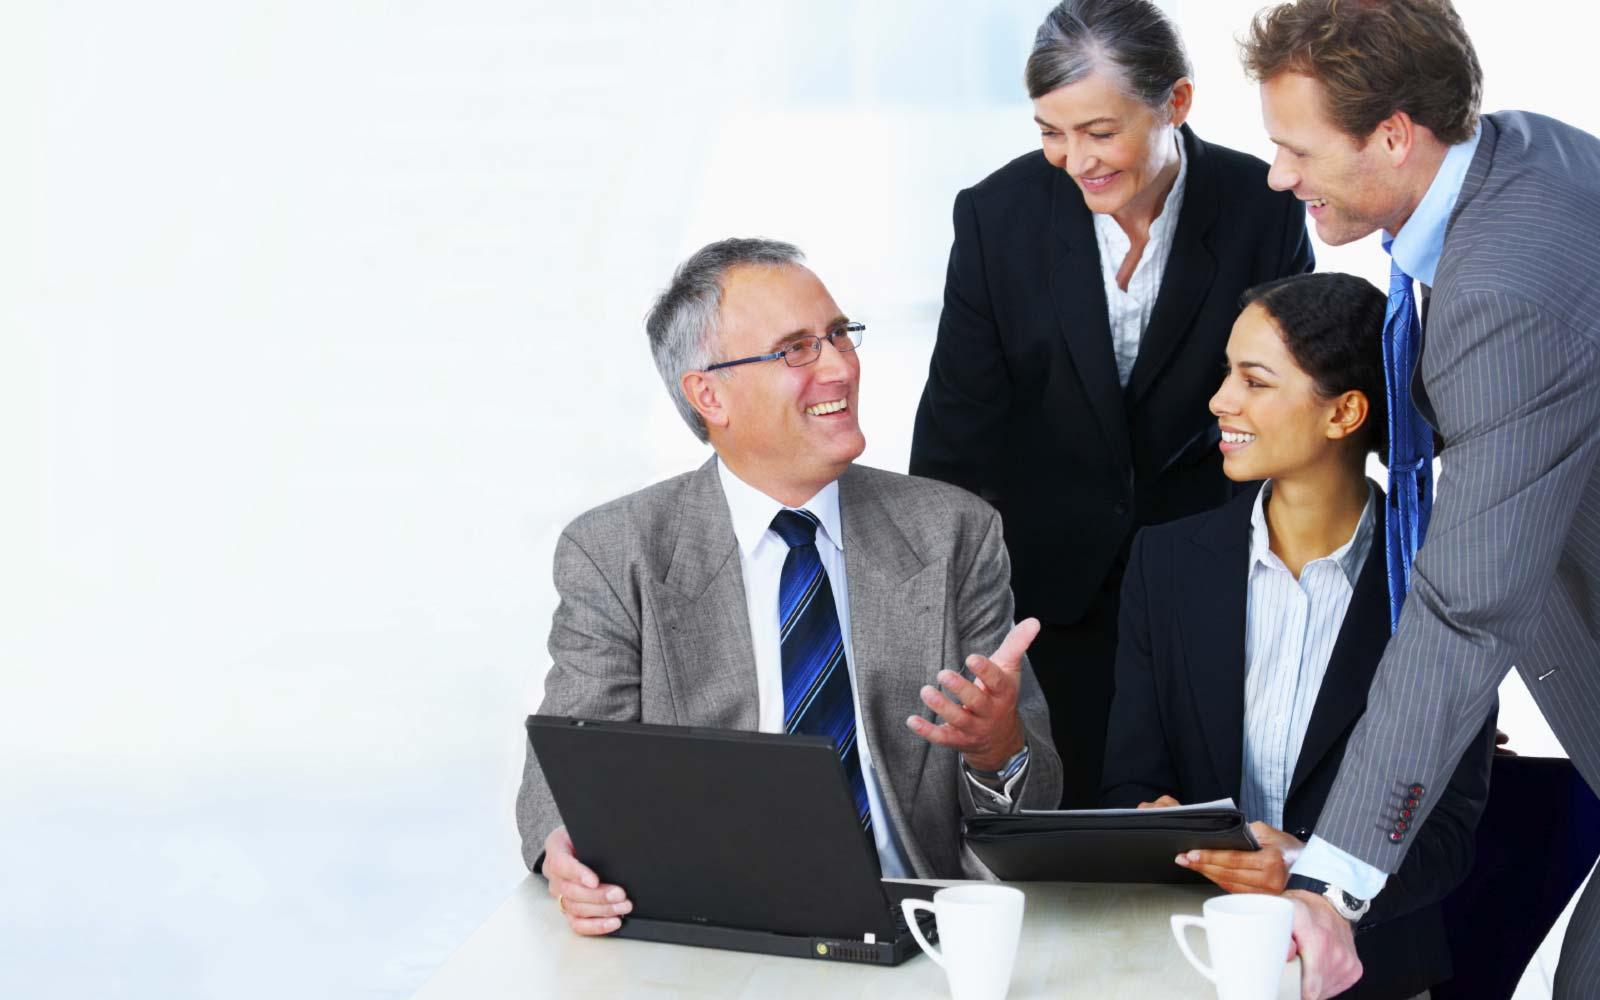 Robert Tuchman氏のトップビジネスを起こすために必要な5つのこと